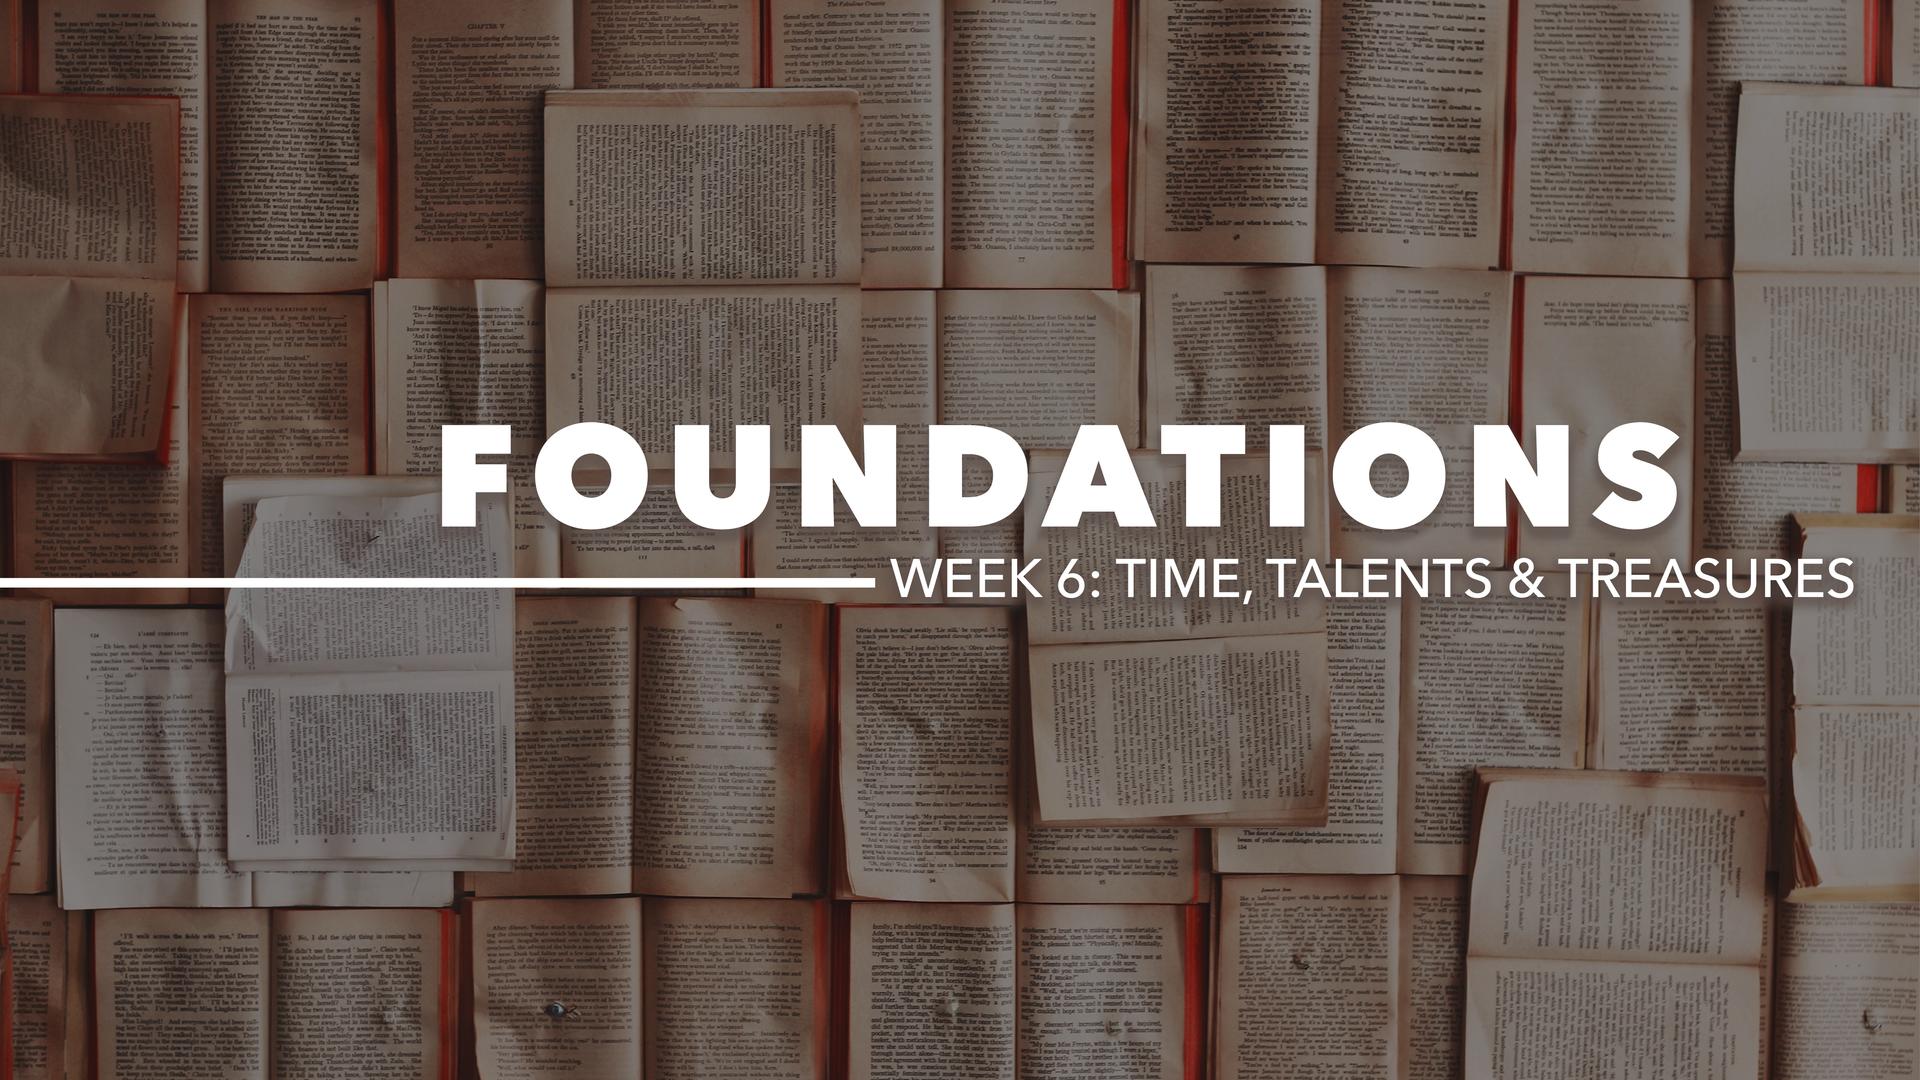 Week 6: Time, Talents & Treasures